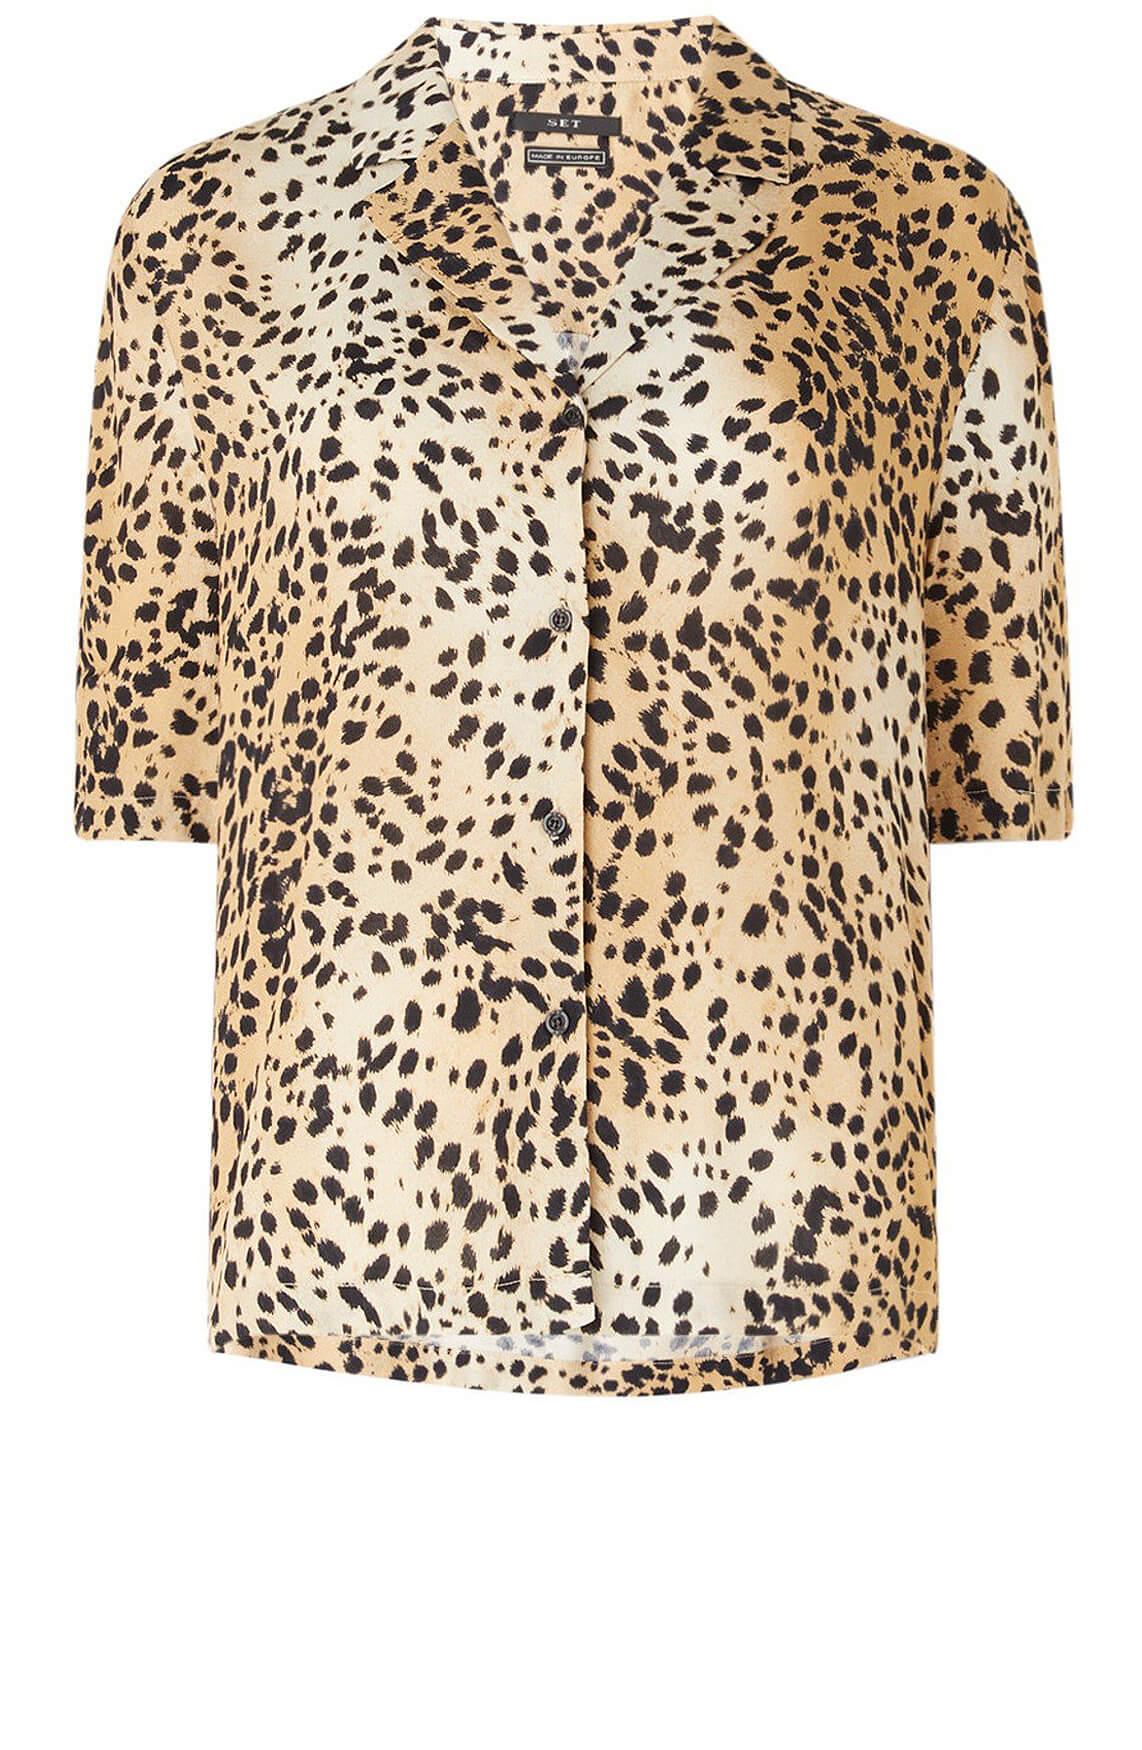 Set Dames Leopard blouse Bruin